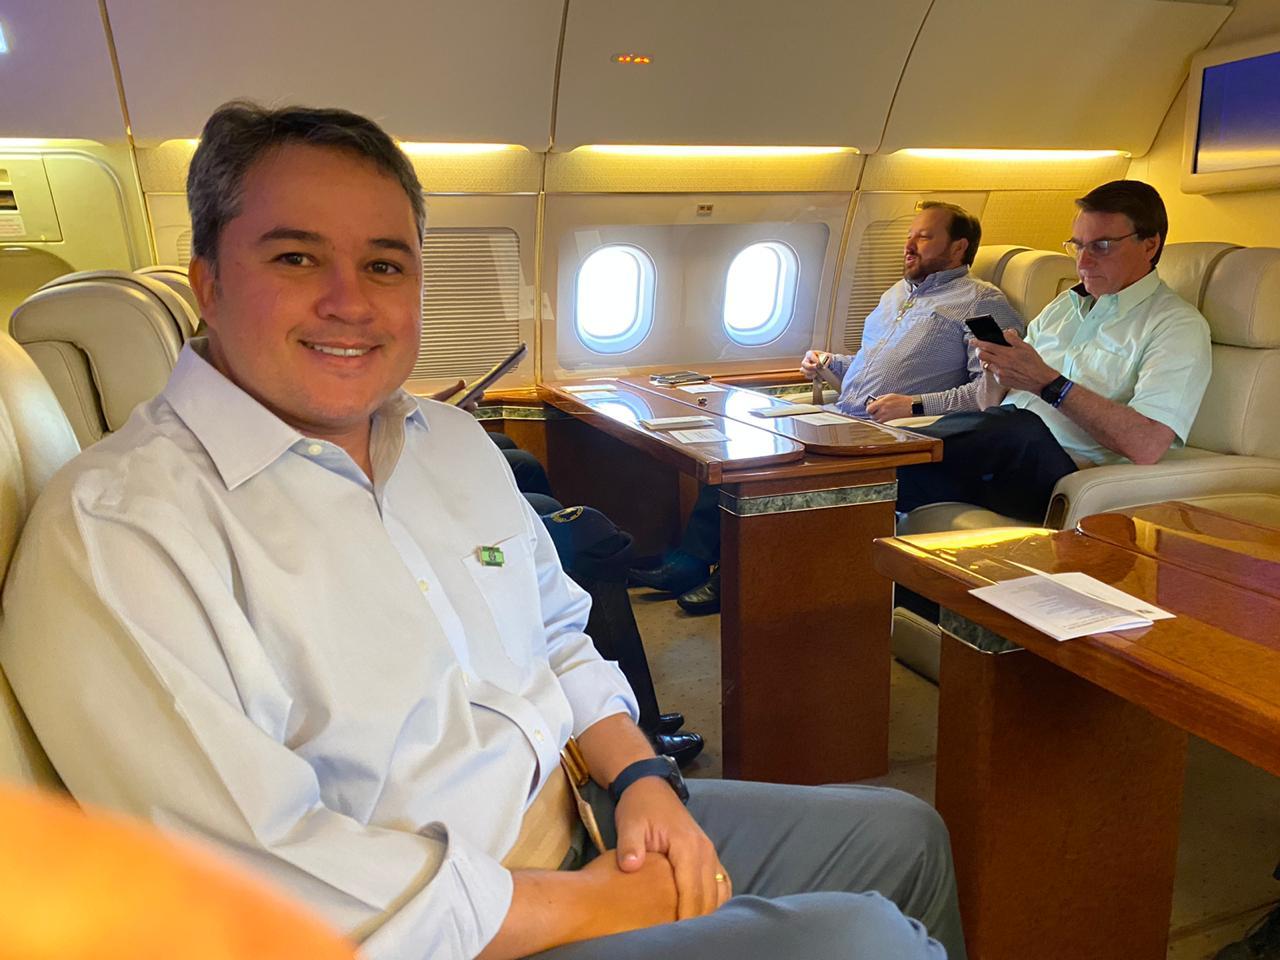 86759fa7 5426 4d17 8df5 05b67b2c4d36 - Deputado Efraim publica foto ao lado de Bolsonaro durante voo para Paraíba